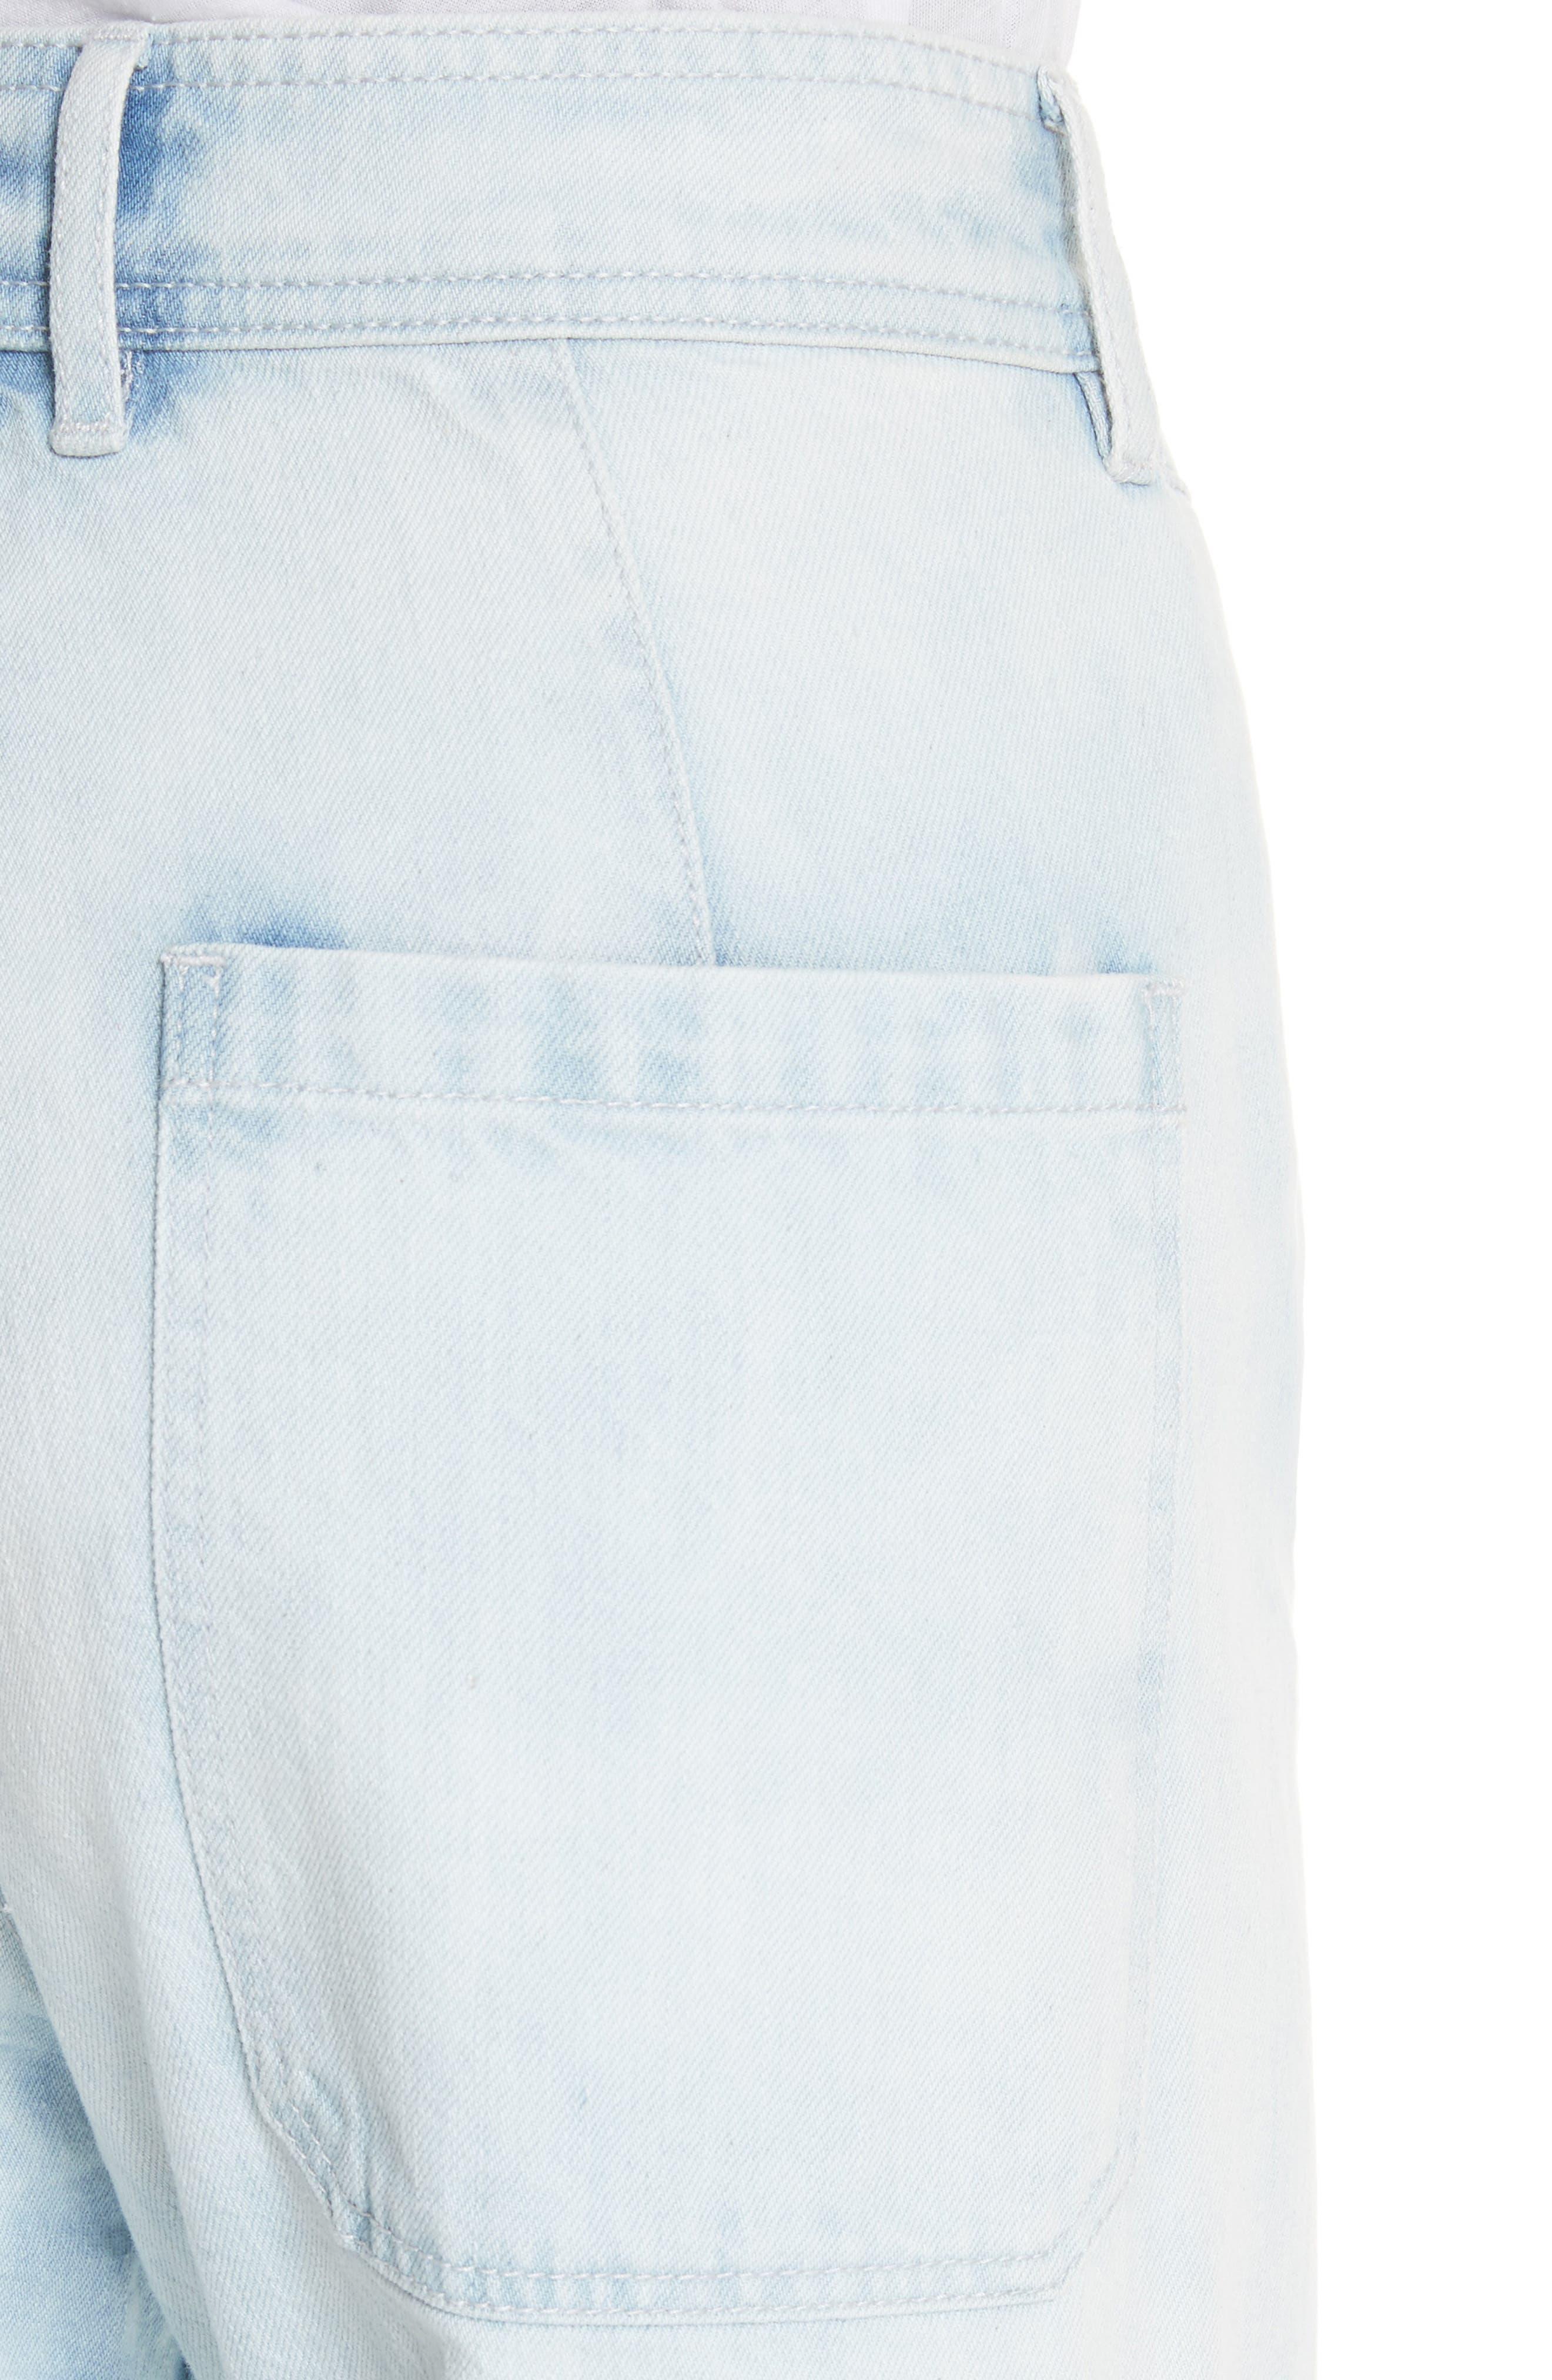 Crop Wide Leg Jeans,                             Alternate thumbnail 4, color,                             NUAGE WASH